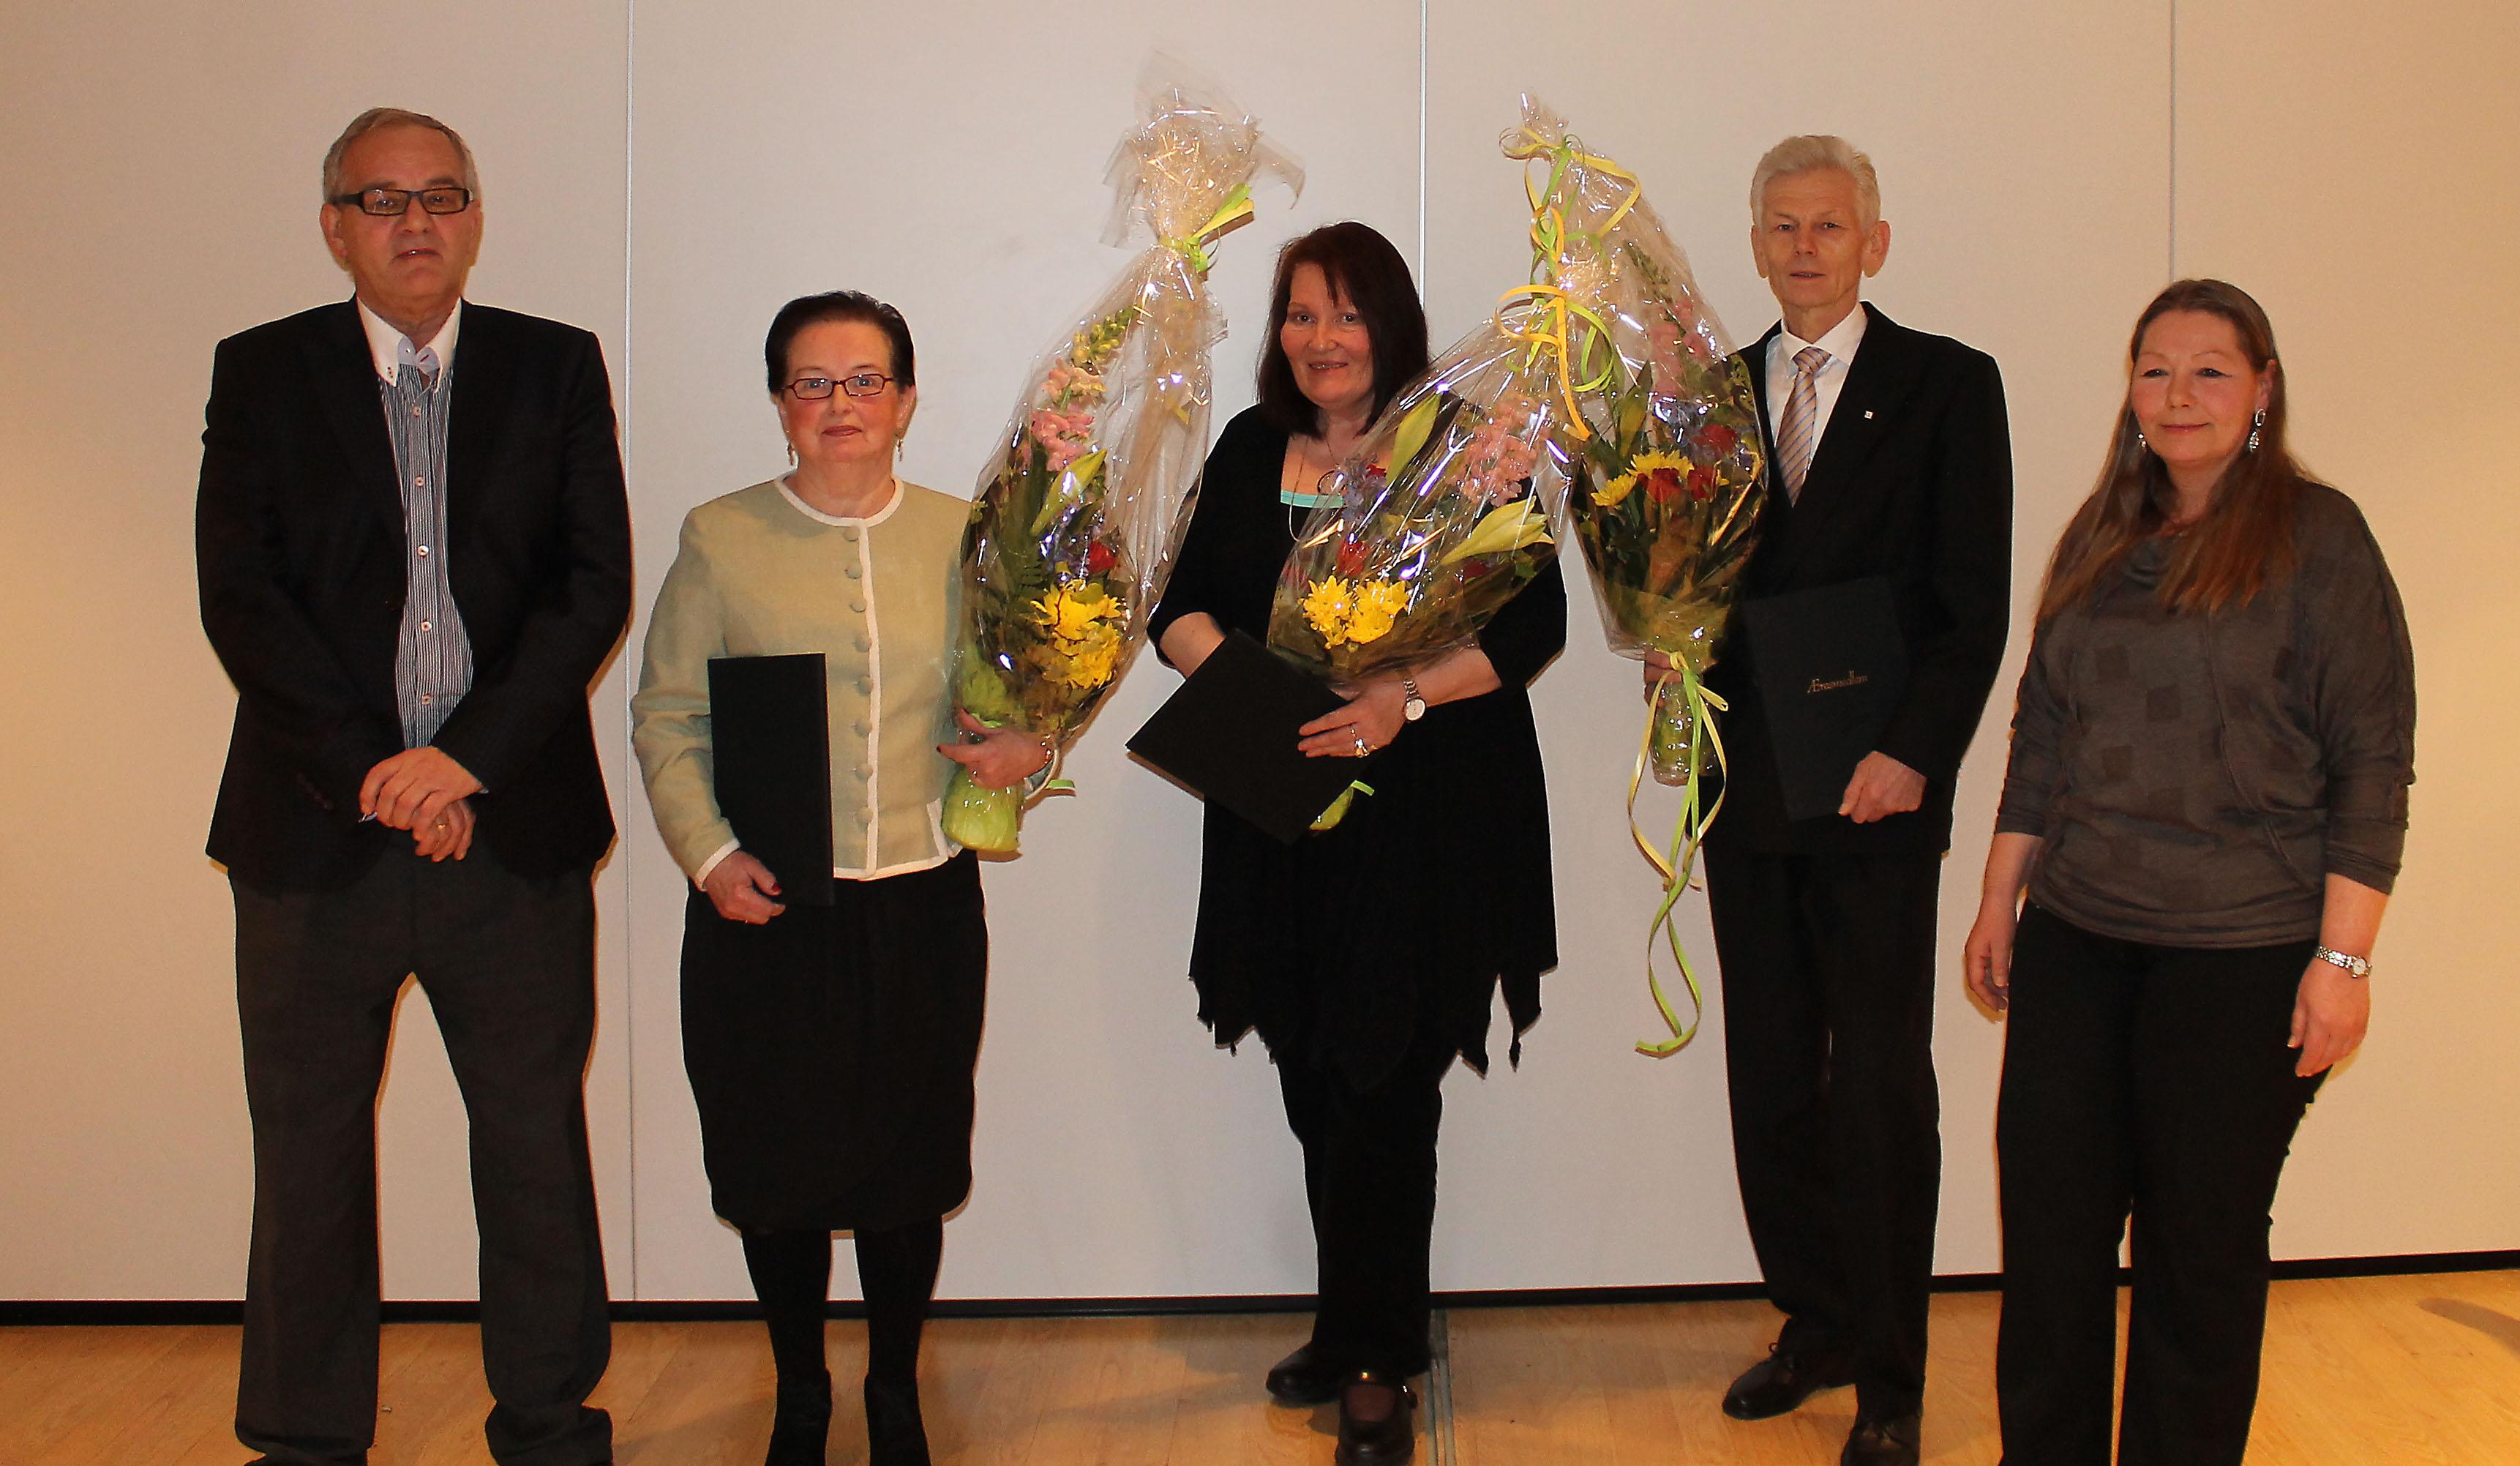 Sekretær i Samfunnspolitisk avd. i Fellesforbundet Terje Ohnstad hedret 45 års jubilantene: Randi L. Nilsen,  Jorun-Mareta Næsbø Nilsen, Audun Lavik og leder Eirin Bratland.